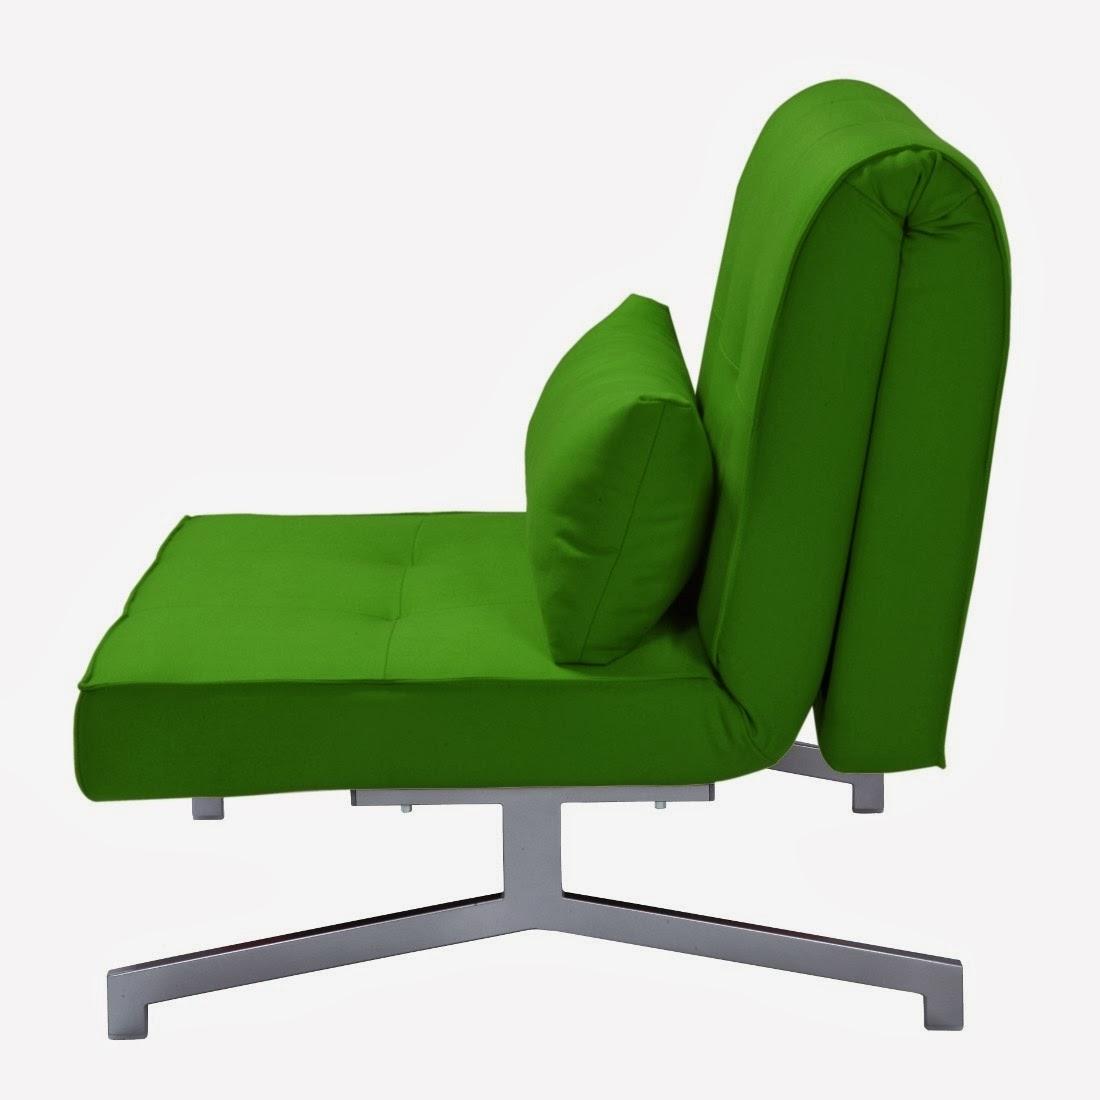 fauteuil lit vert